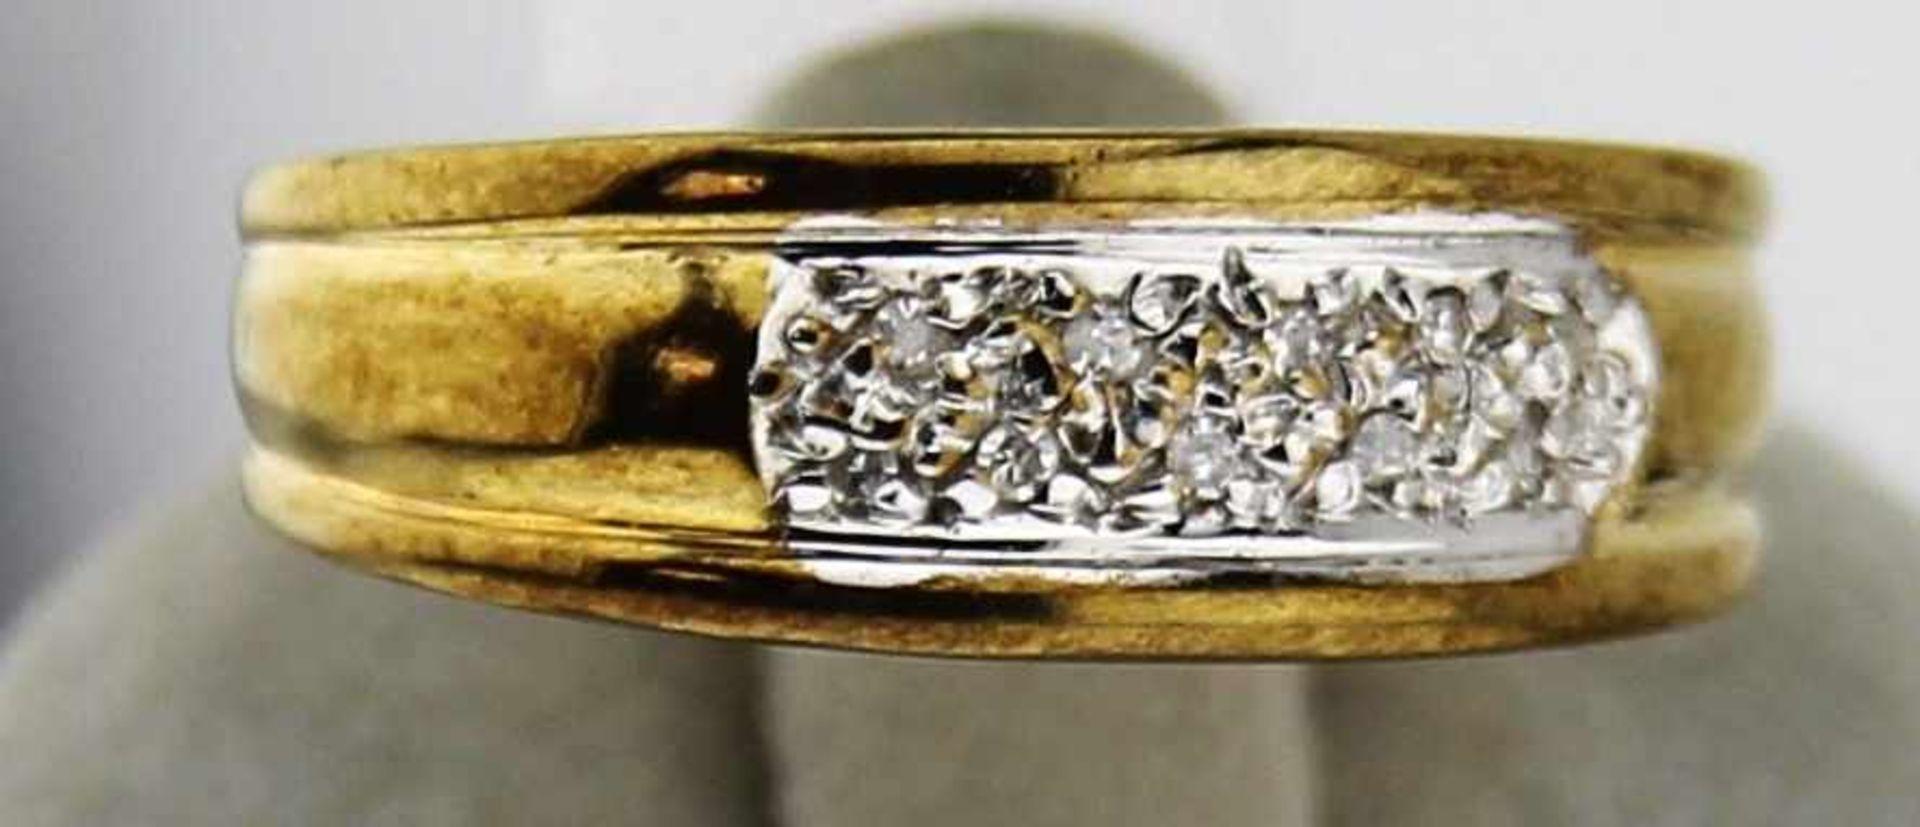 Damenring mit Diamant in 333 Gold, NOS Gr. 56, Gesamtgewicht ca. 3,2 Gramm, mit 10 Diamanten, NOS